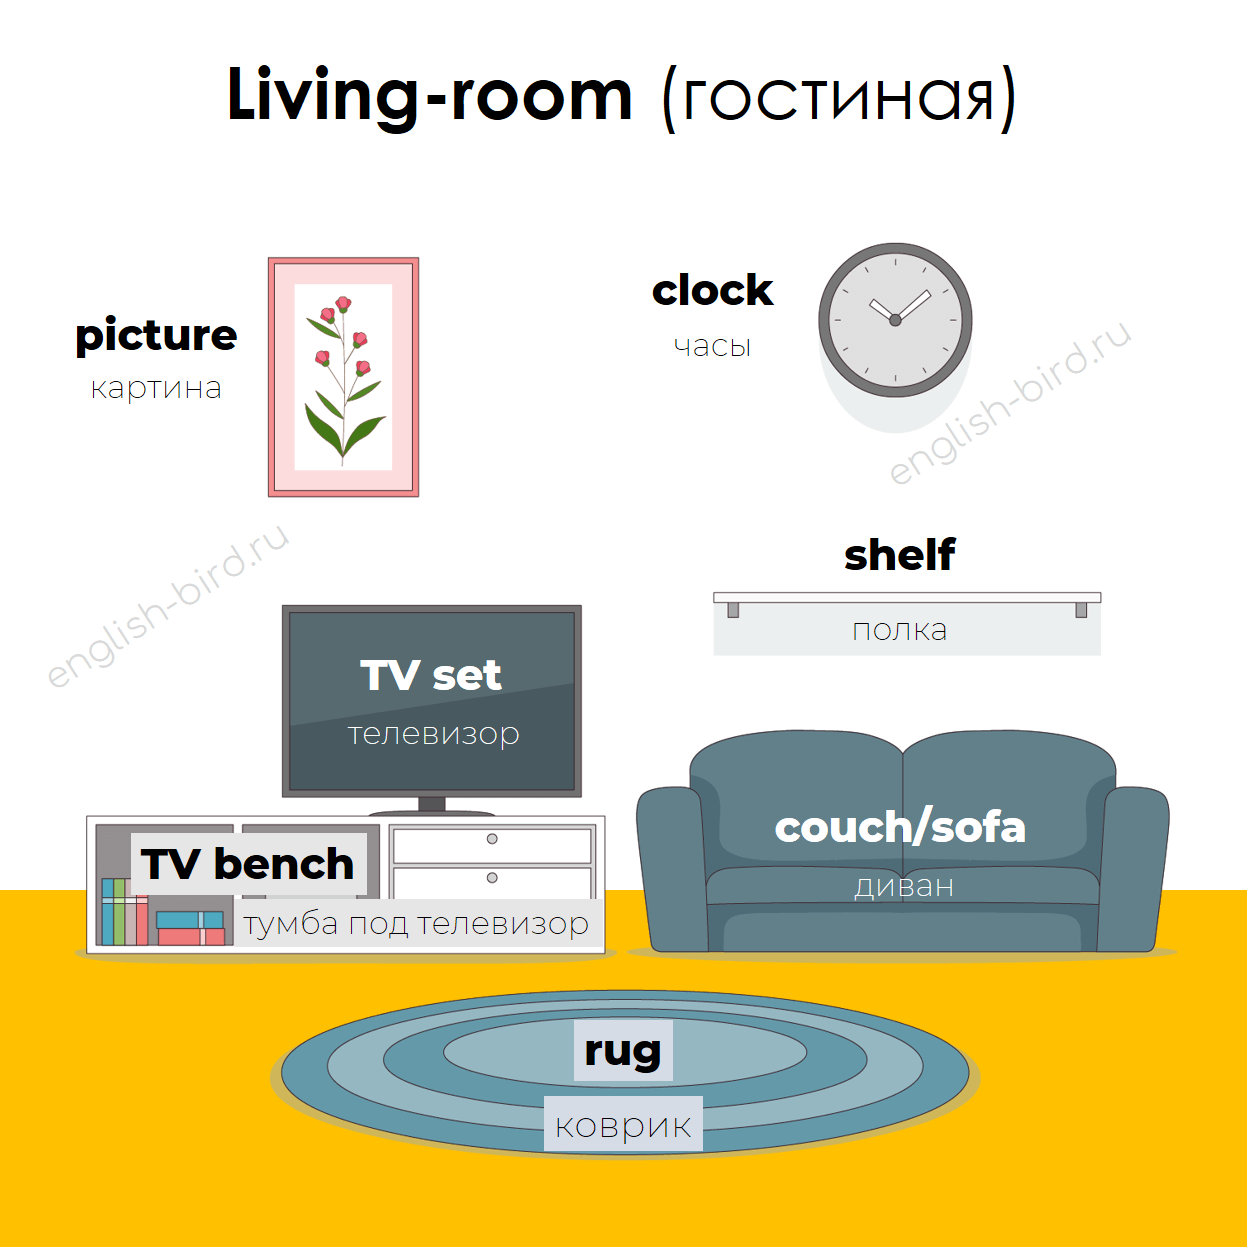 Комнаты на английском: гостиная